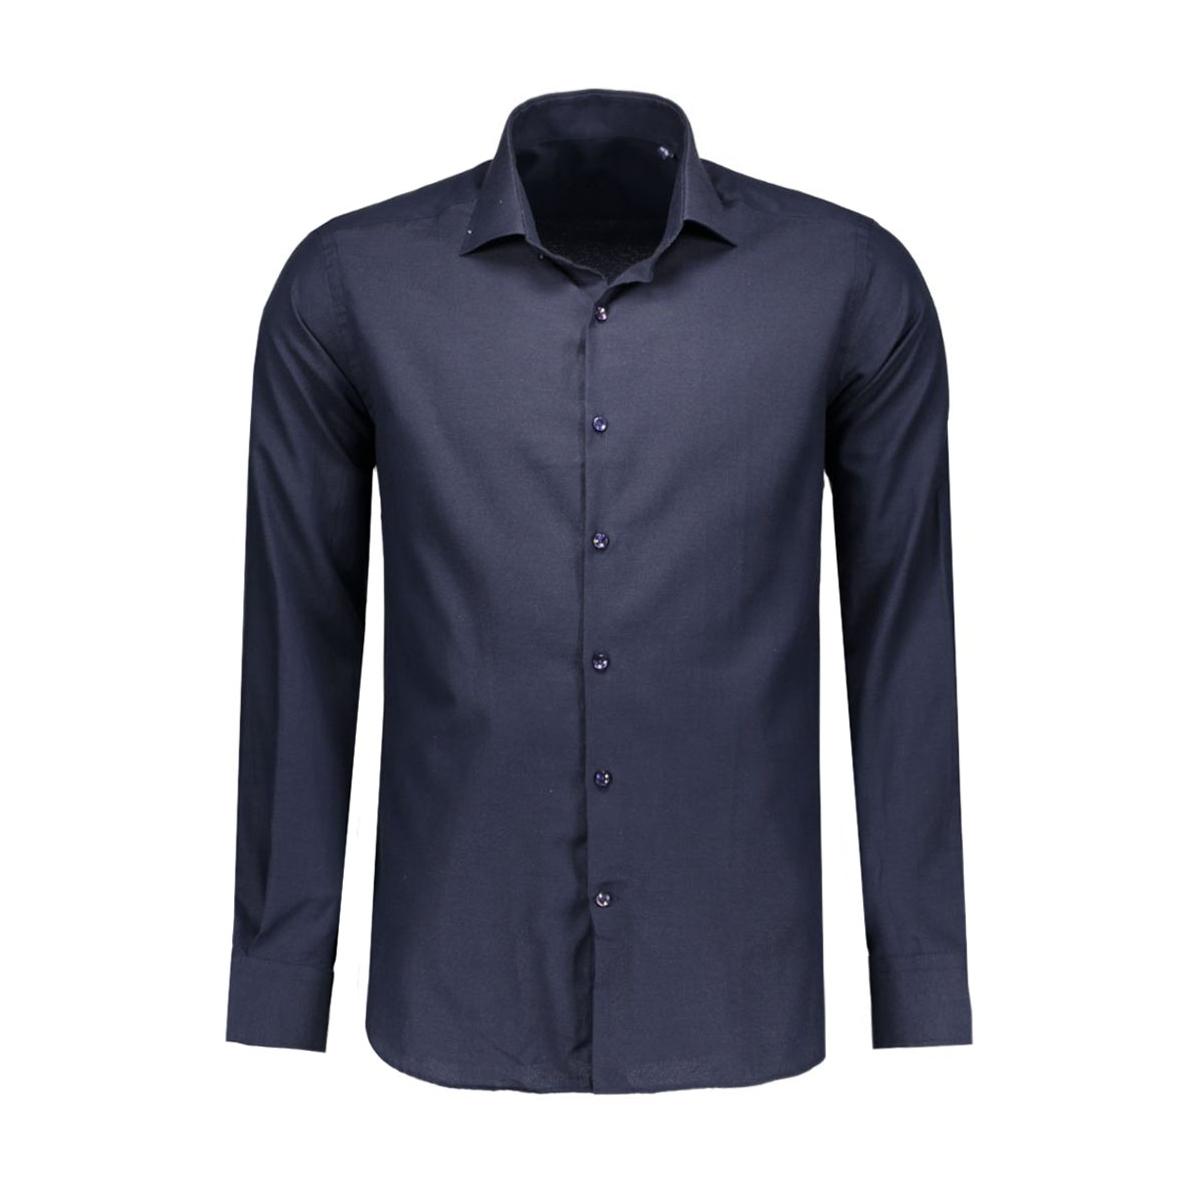 4467 carter & davis overhemd 259